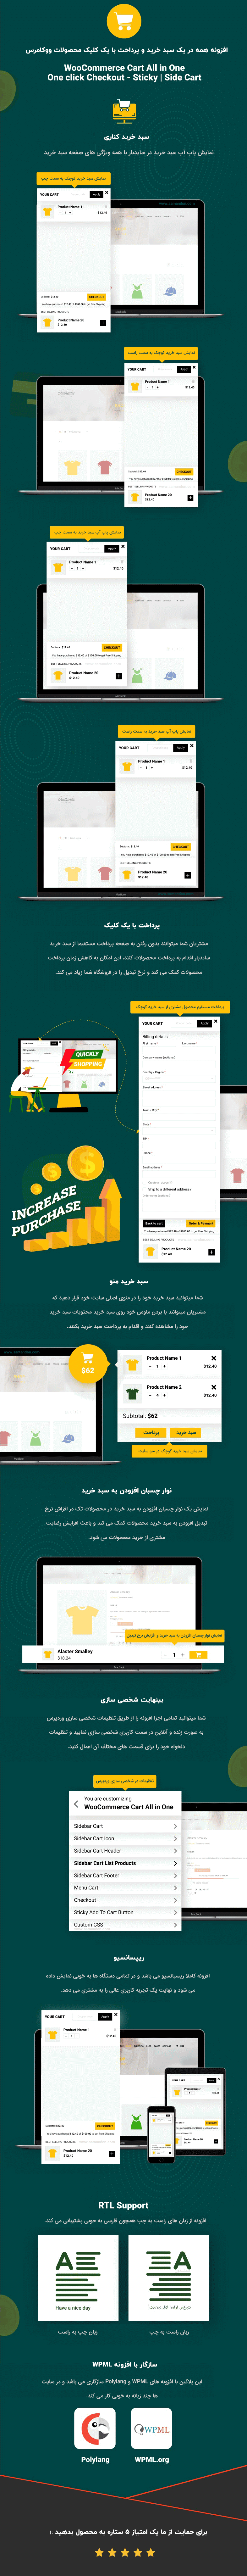 ویژگی های افزونه همه در یک سبد و پرداخت با یک کلیک | WooCommerce Cart All In One